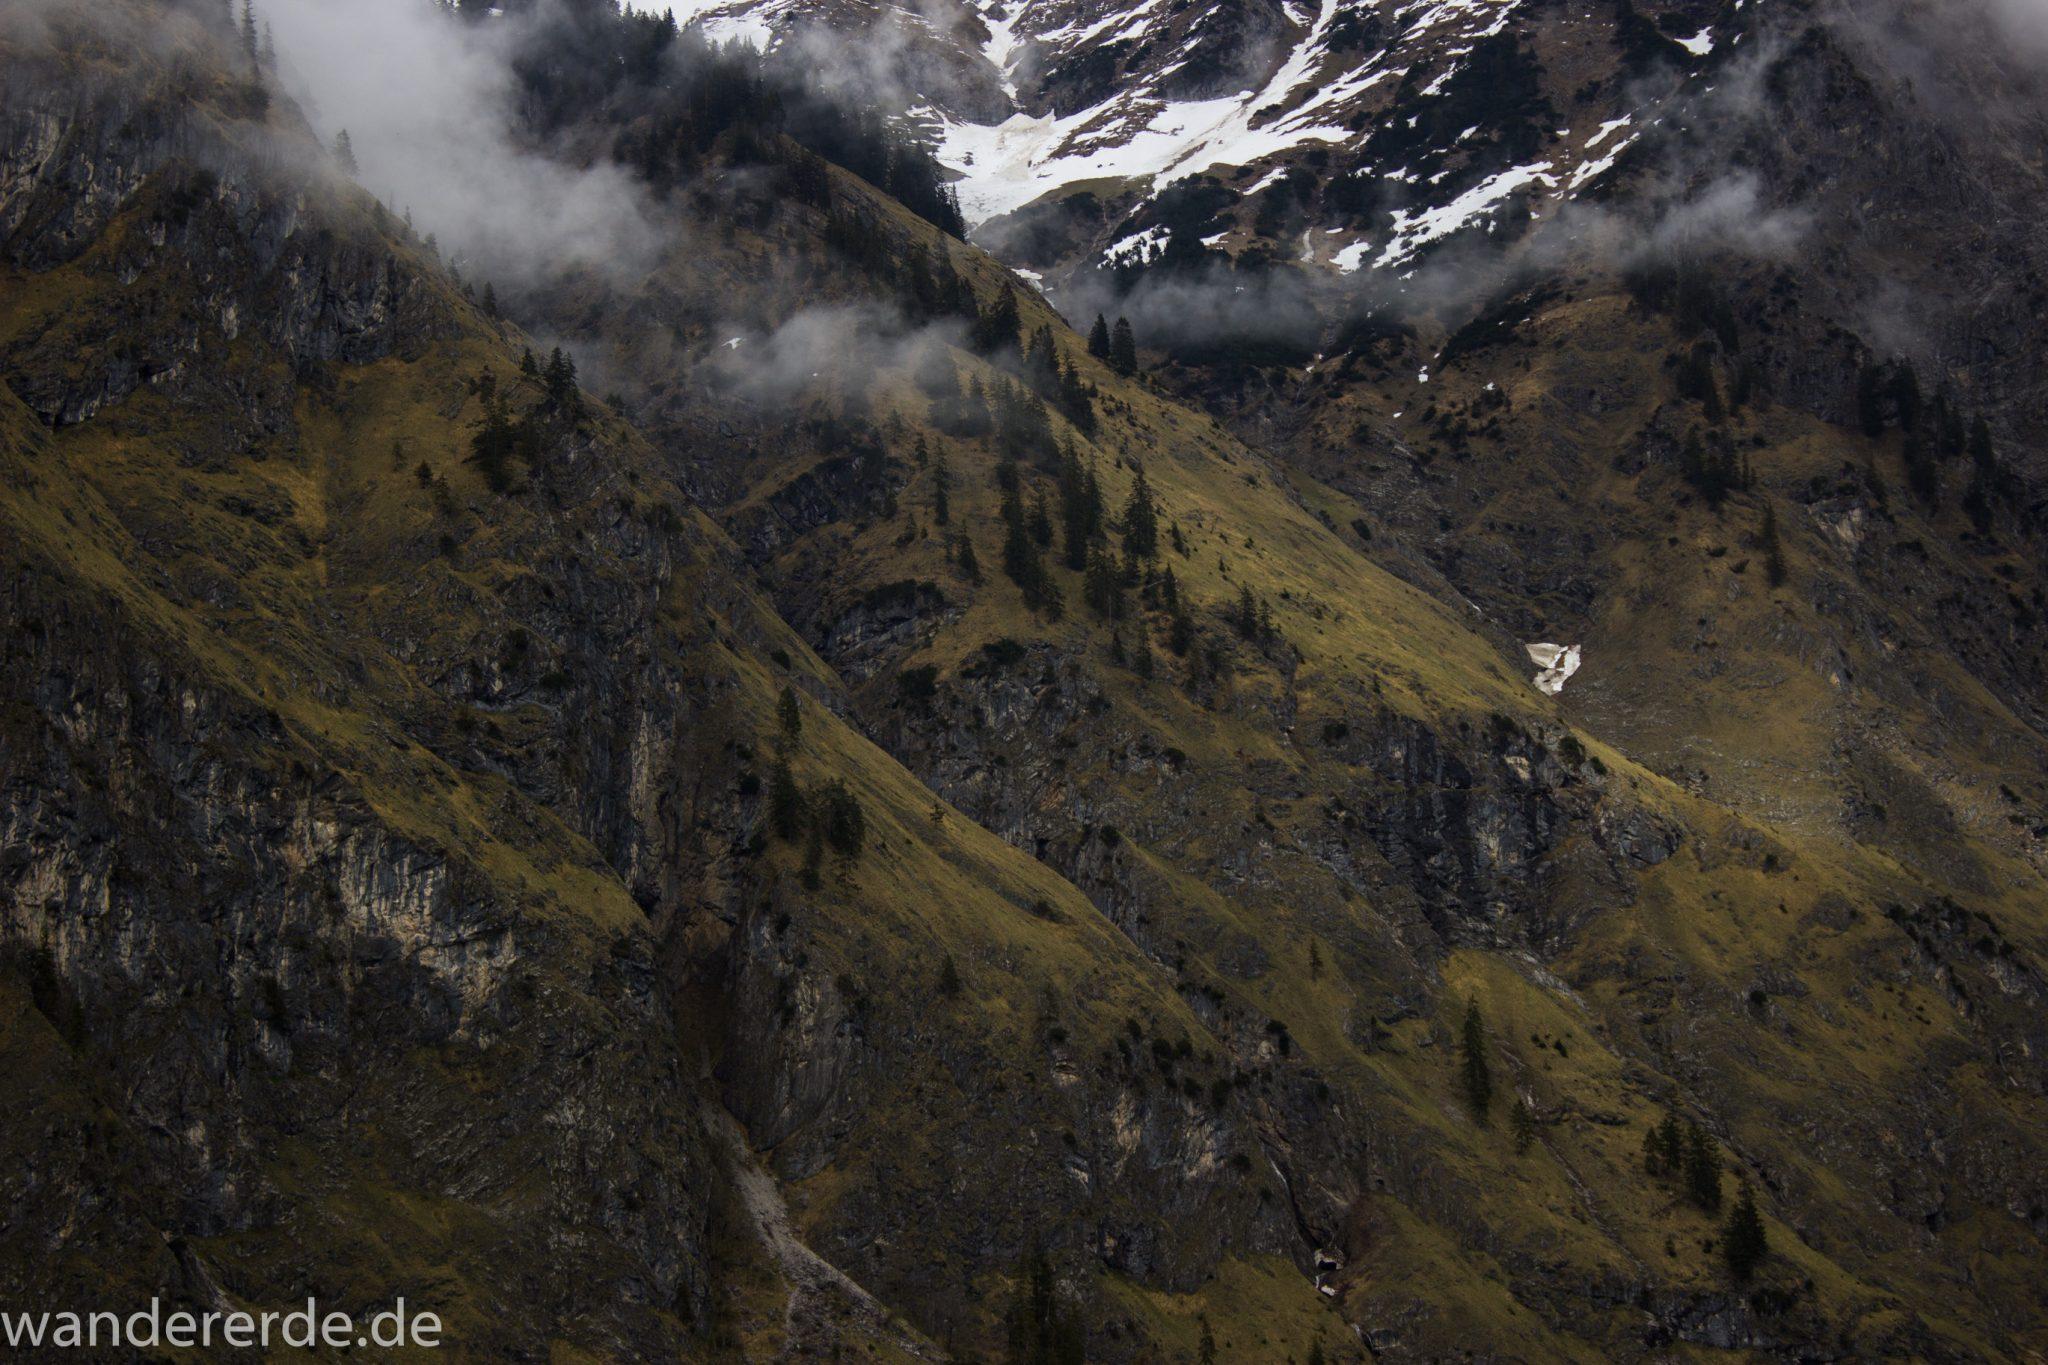 Wanderung im Oytal bei Oberstdorf im Allgäu, Bayern, beeindruckende Berglandschaft, schneebedeckte Berge säumen den Wanderweg durch das Oytal, sehr schöne Atmosphäre